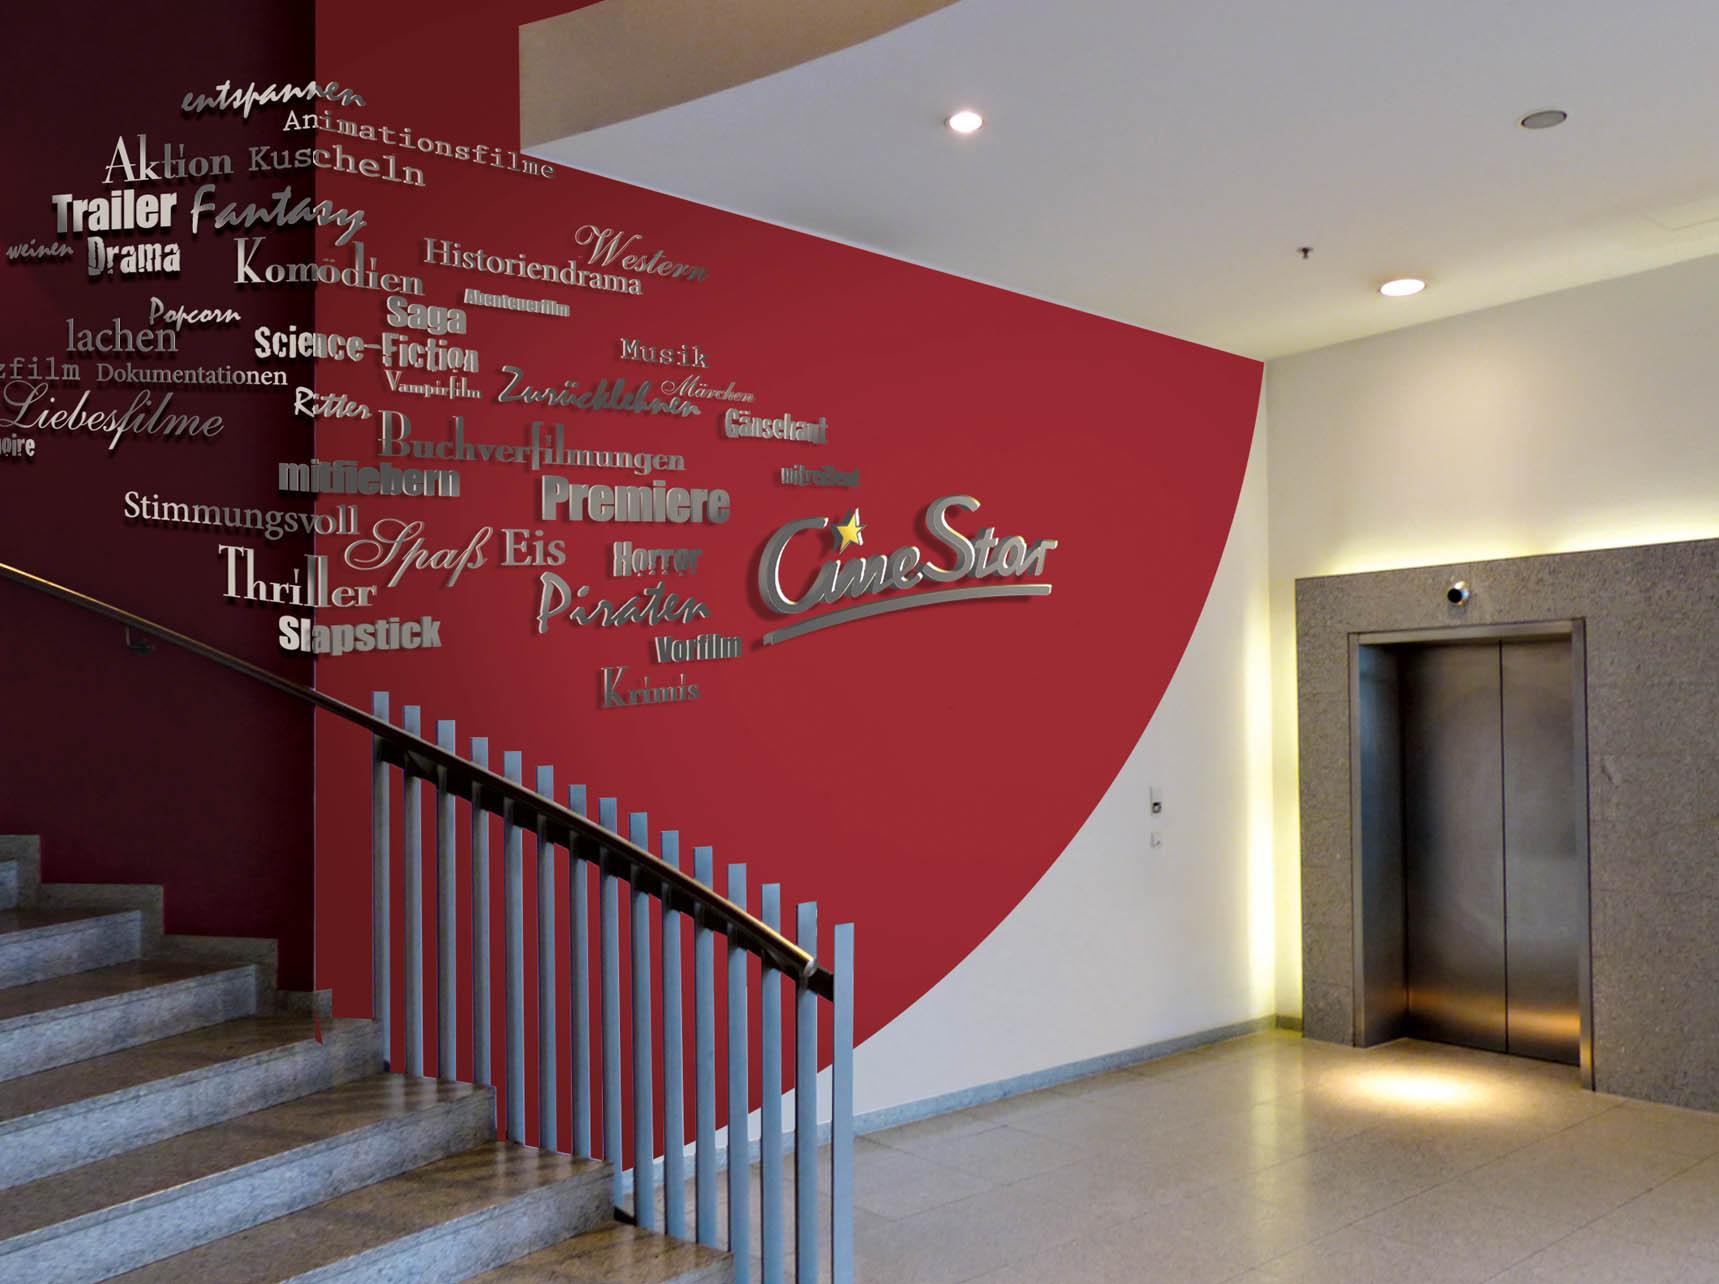 Cineplex Marburg Gmbh & Co Filmtheater Kg Marburg